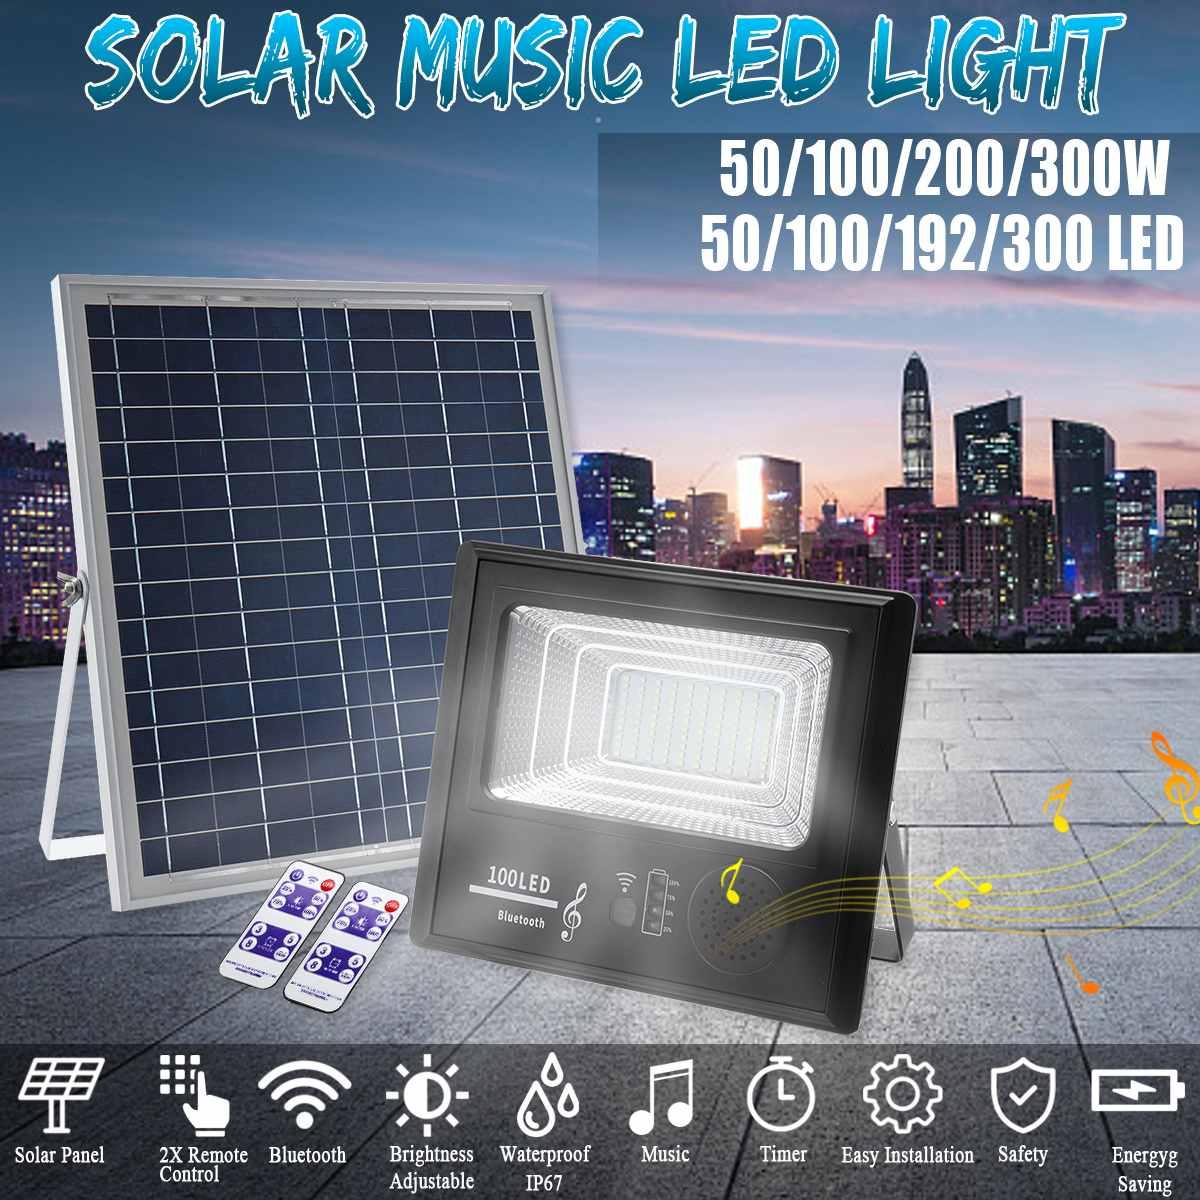 Светодиодный светильник на солнечной энергии 50/100/192/300, музыкальный прожектор с bluetooth динамиком, водонепроницаемая уличная лампа IP67, время р